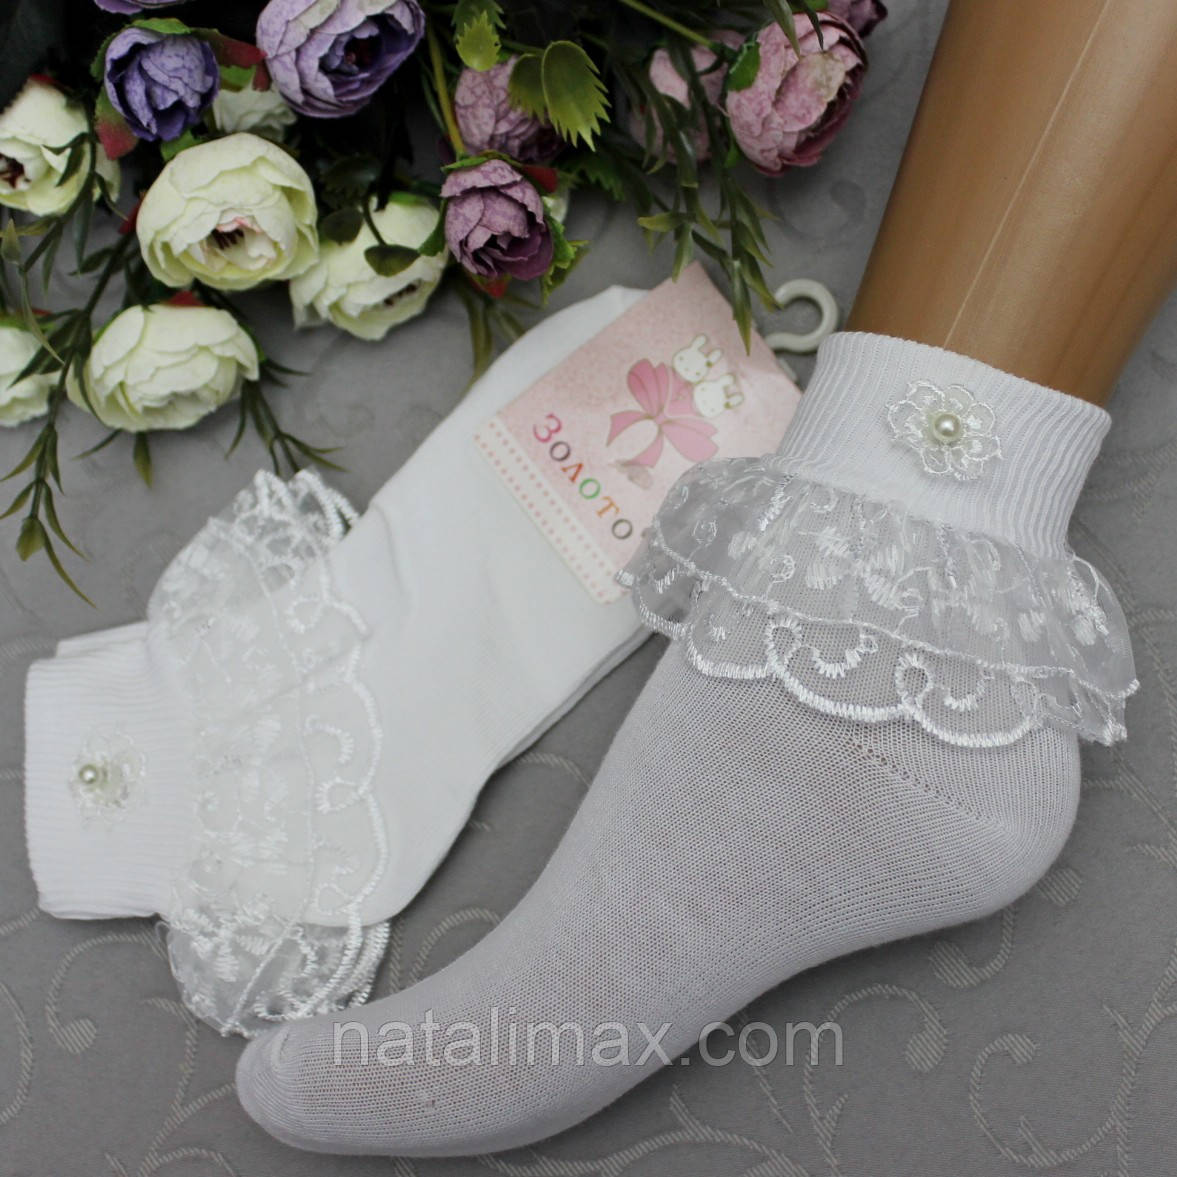 Носки белые для девочек , размер 18-20 см (по длине стопы).  Нарядные белые носочки с кружевной оборочкой